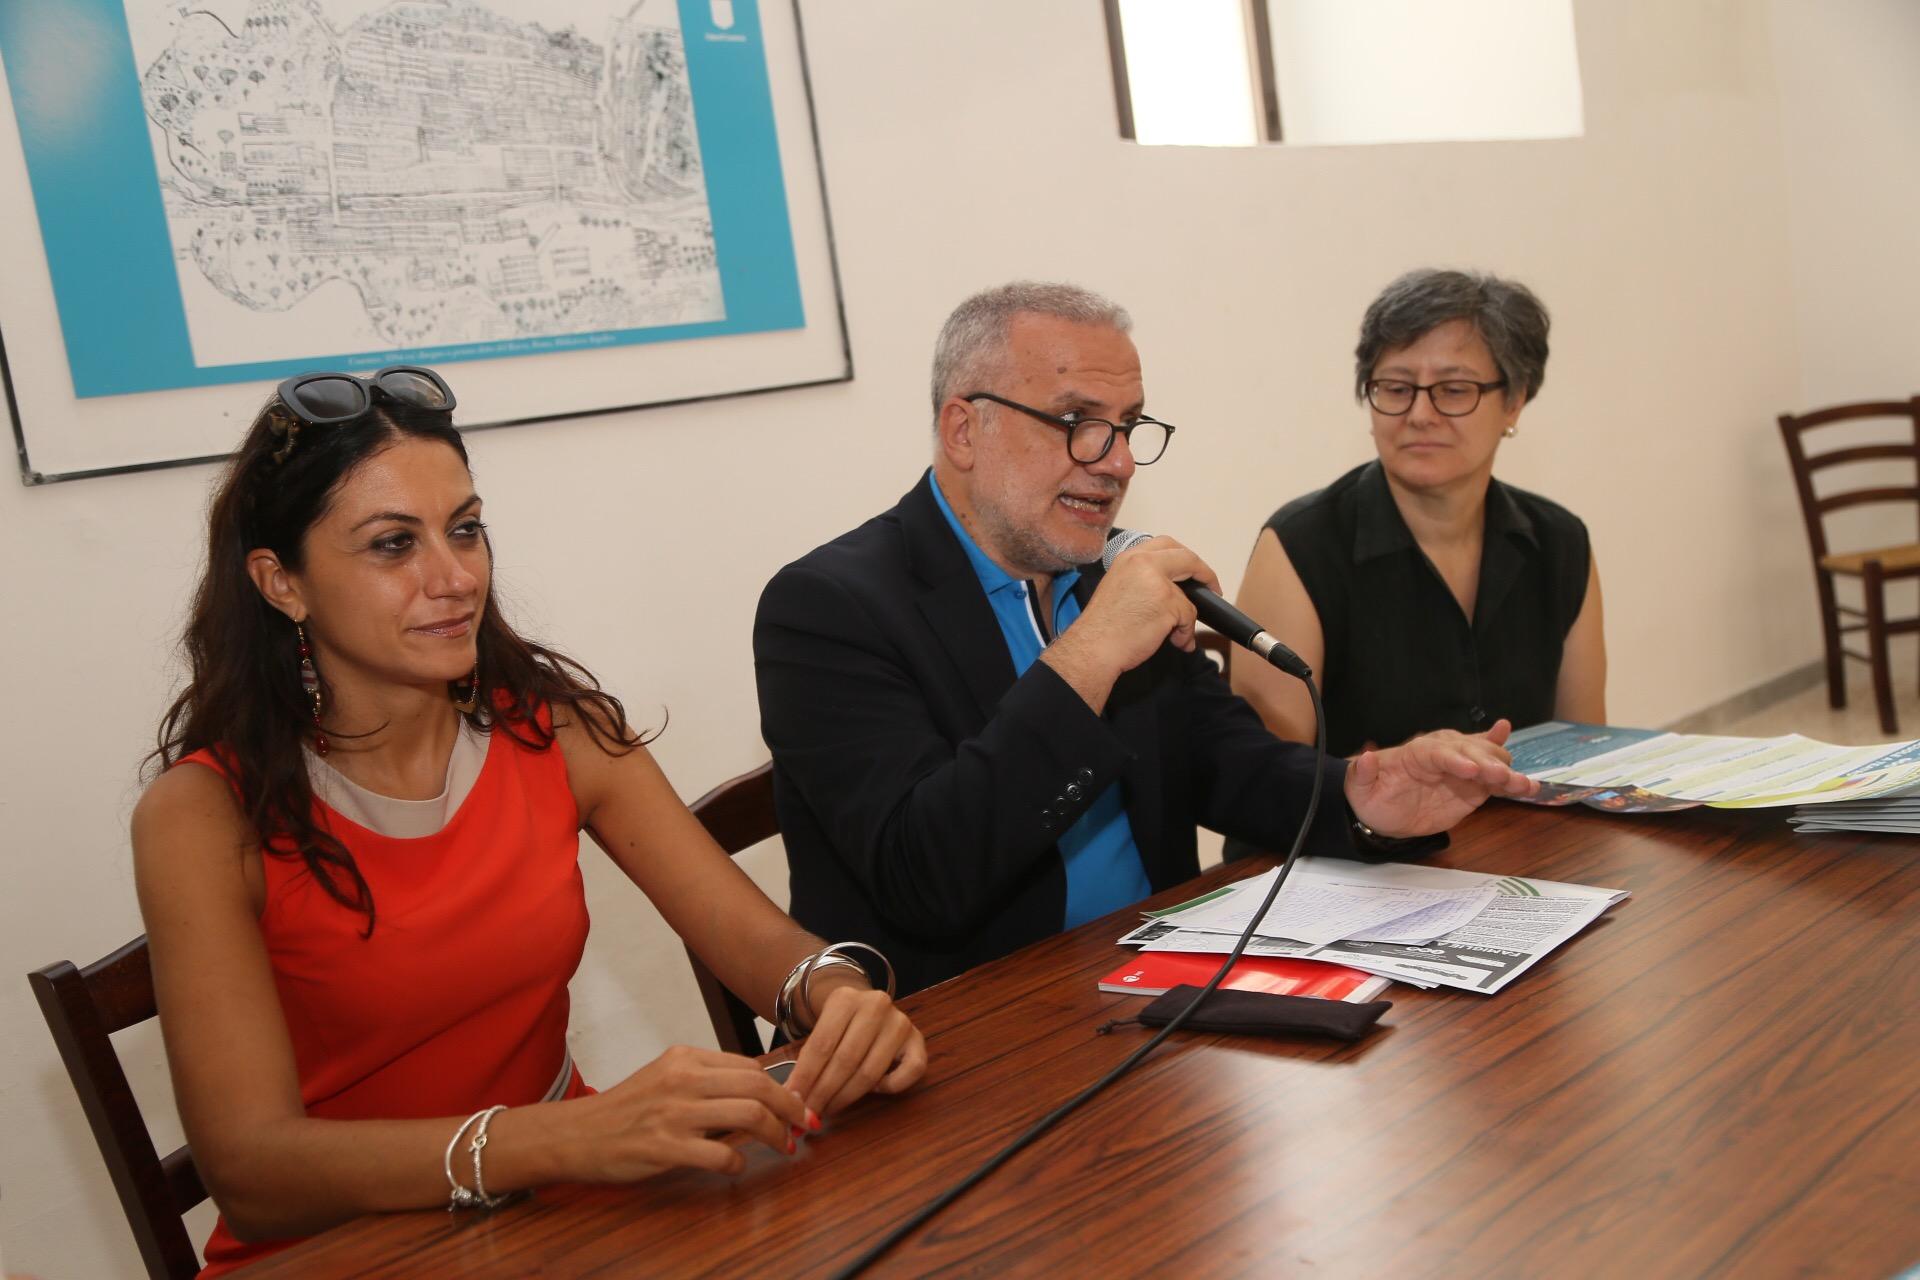 conferenza stampa GenerAzioni giovani